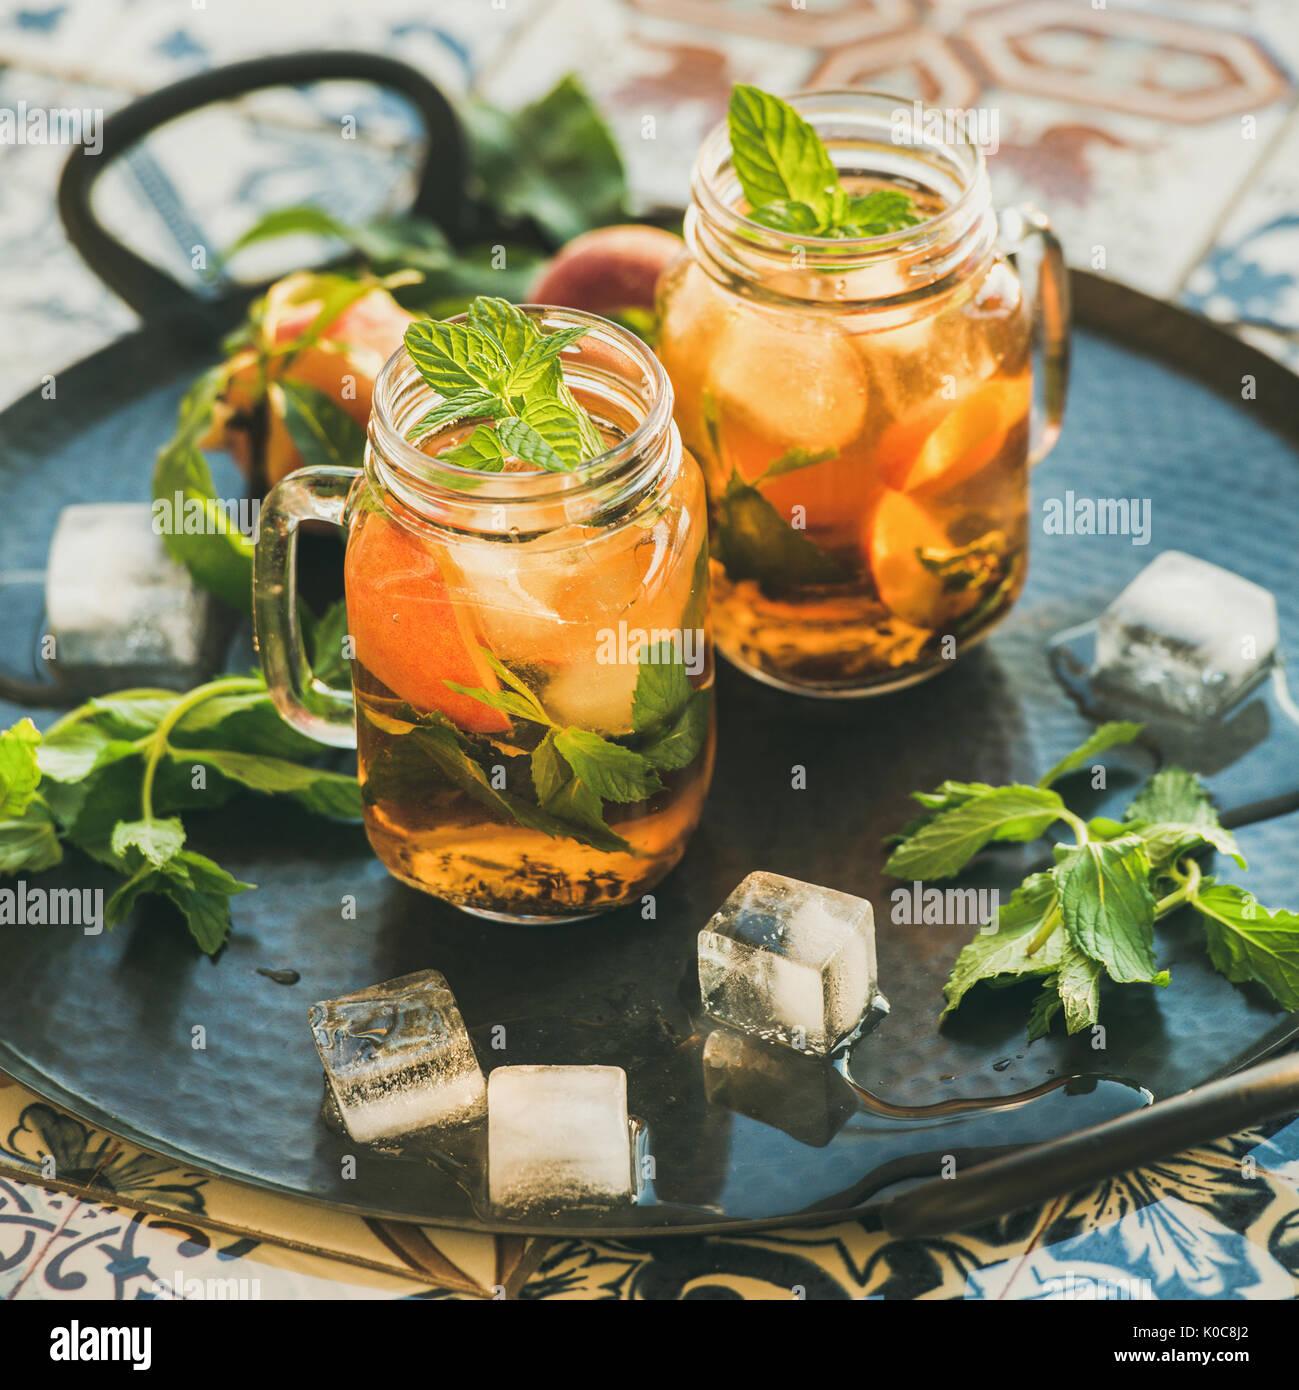 Froid de glace rafraîchissante en été pêche thé à la menthe, récolte carrés Photo Stock